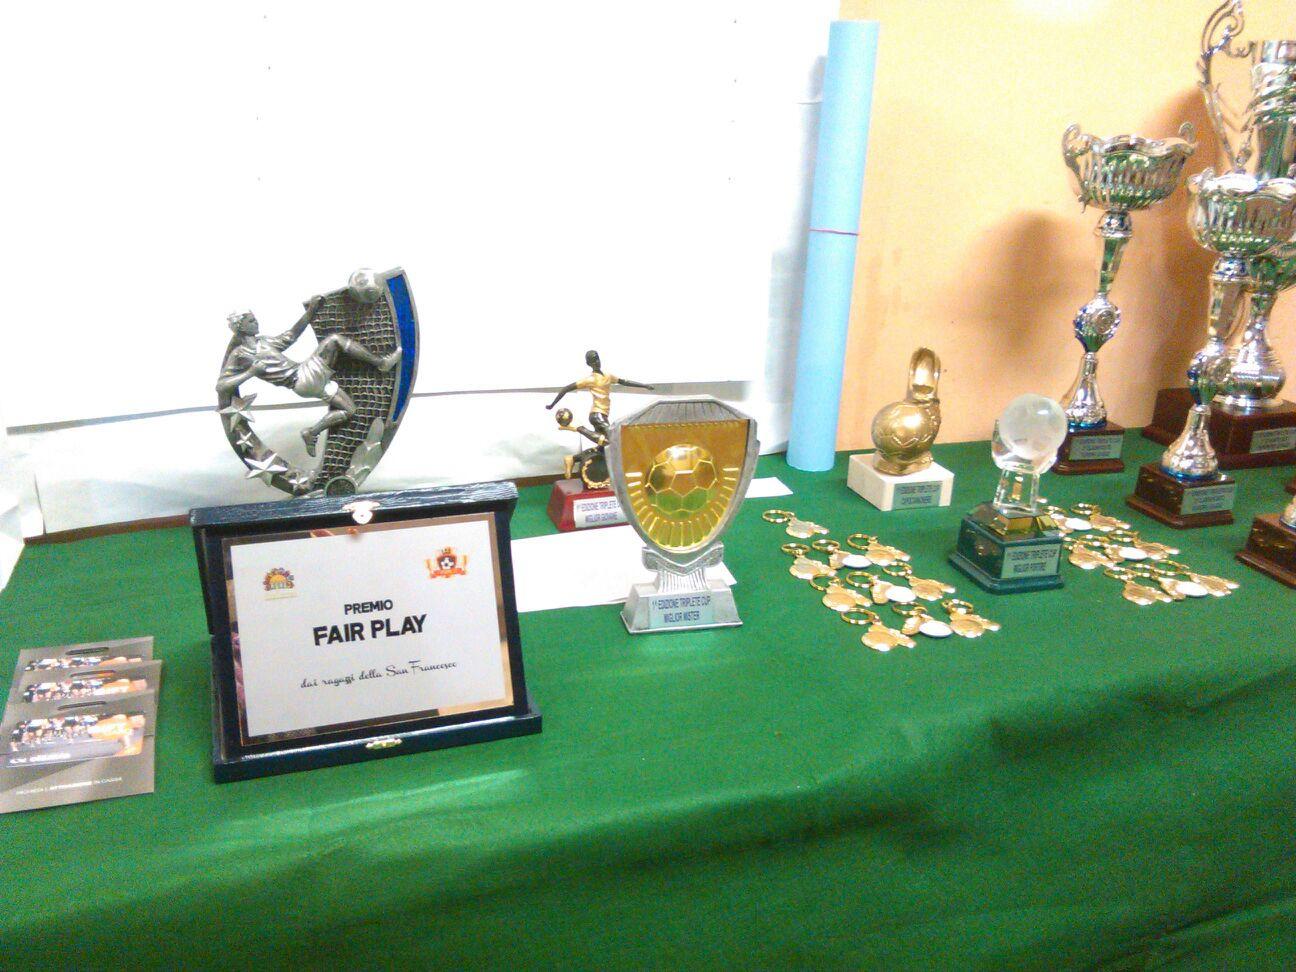 Triplete cup 2015 2016